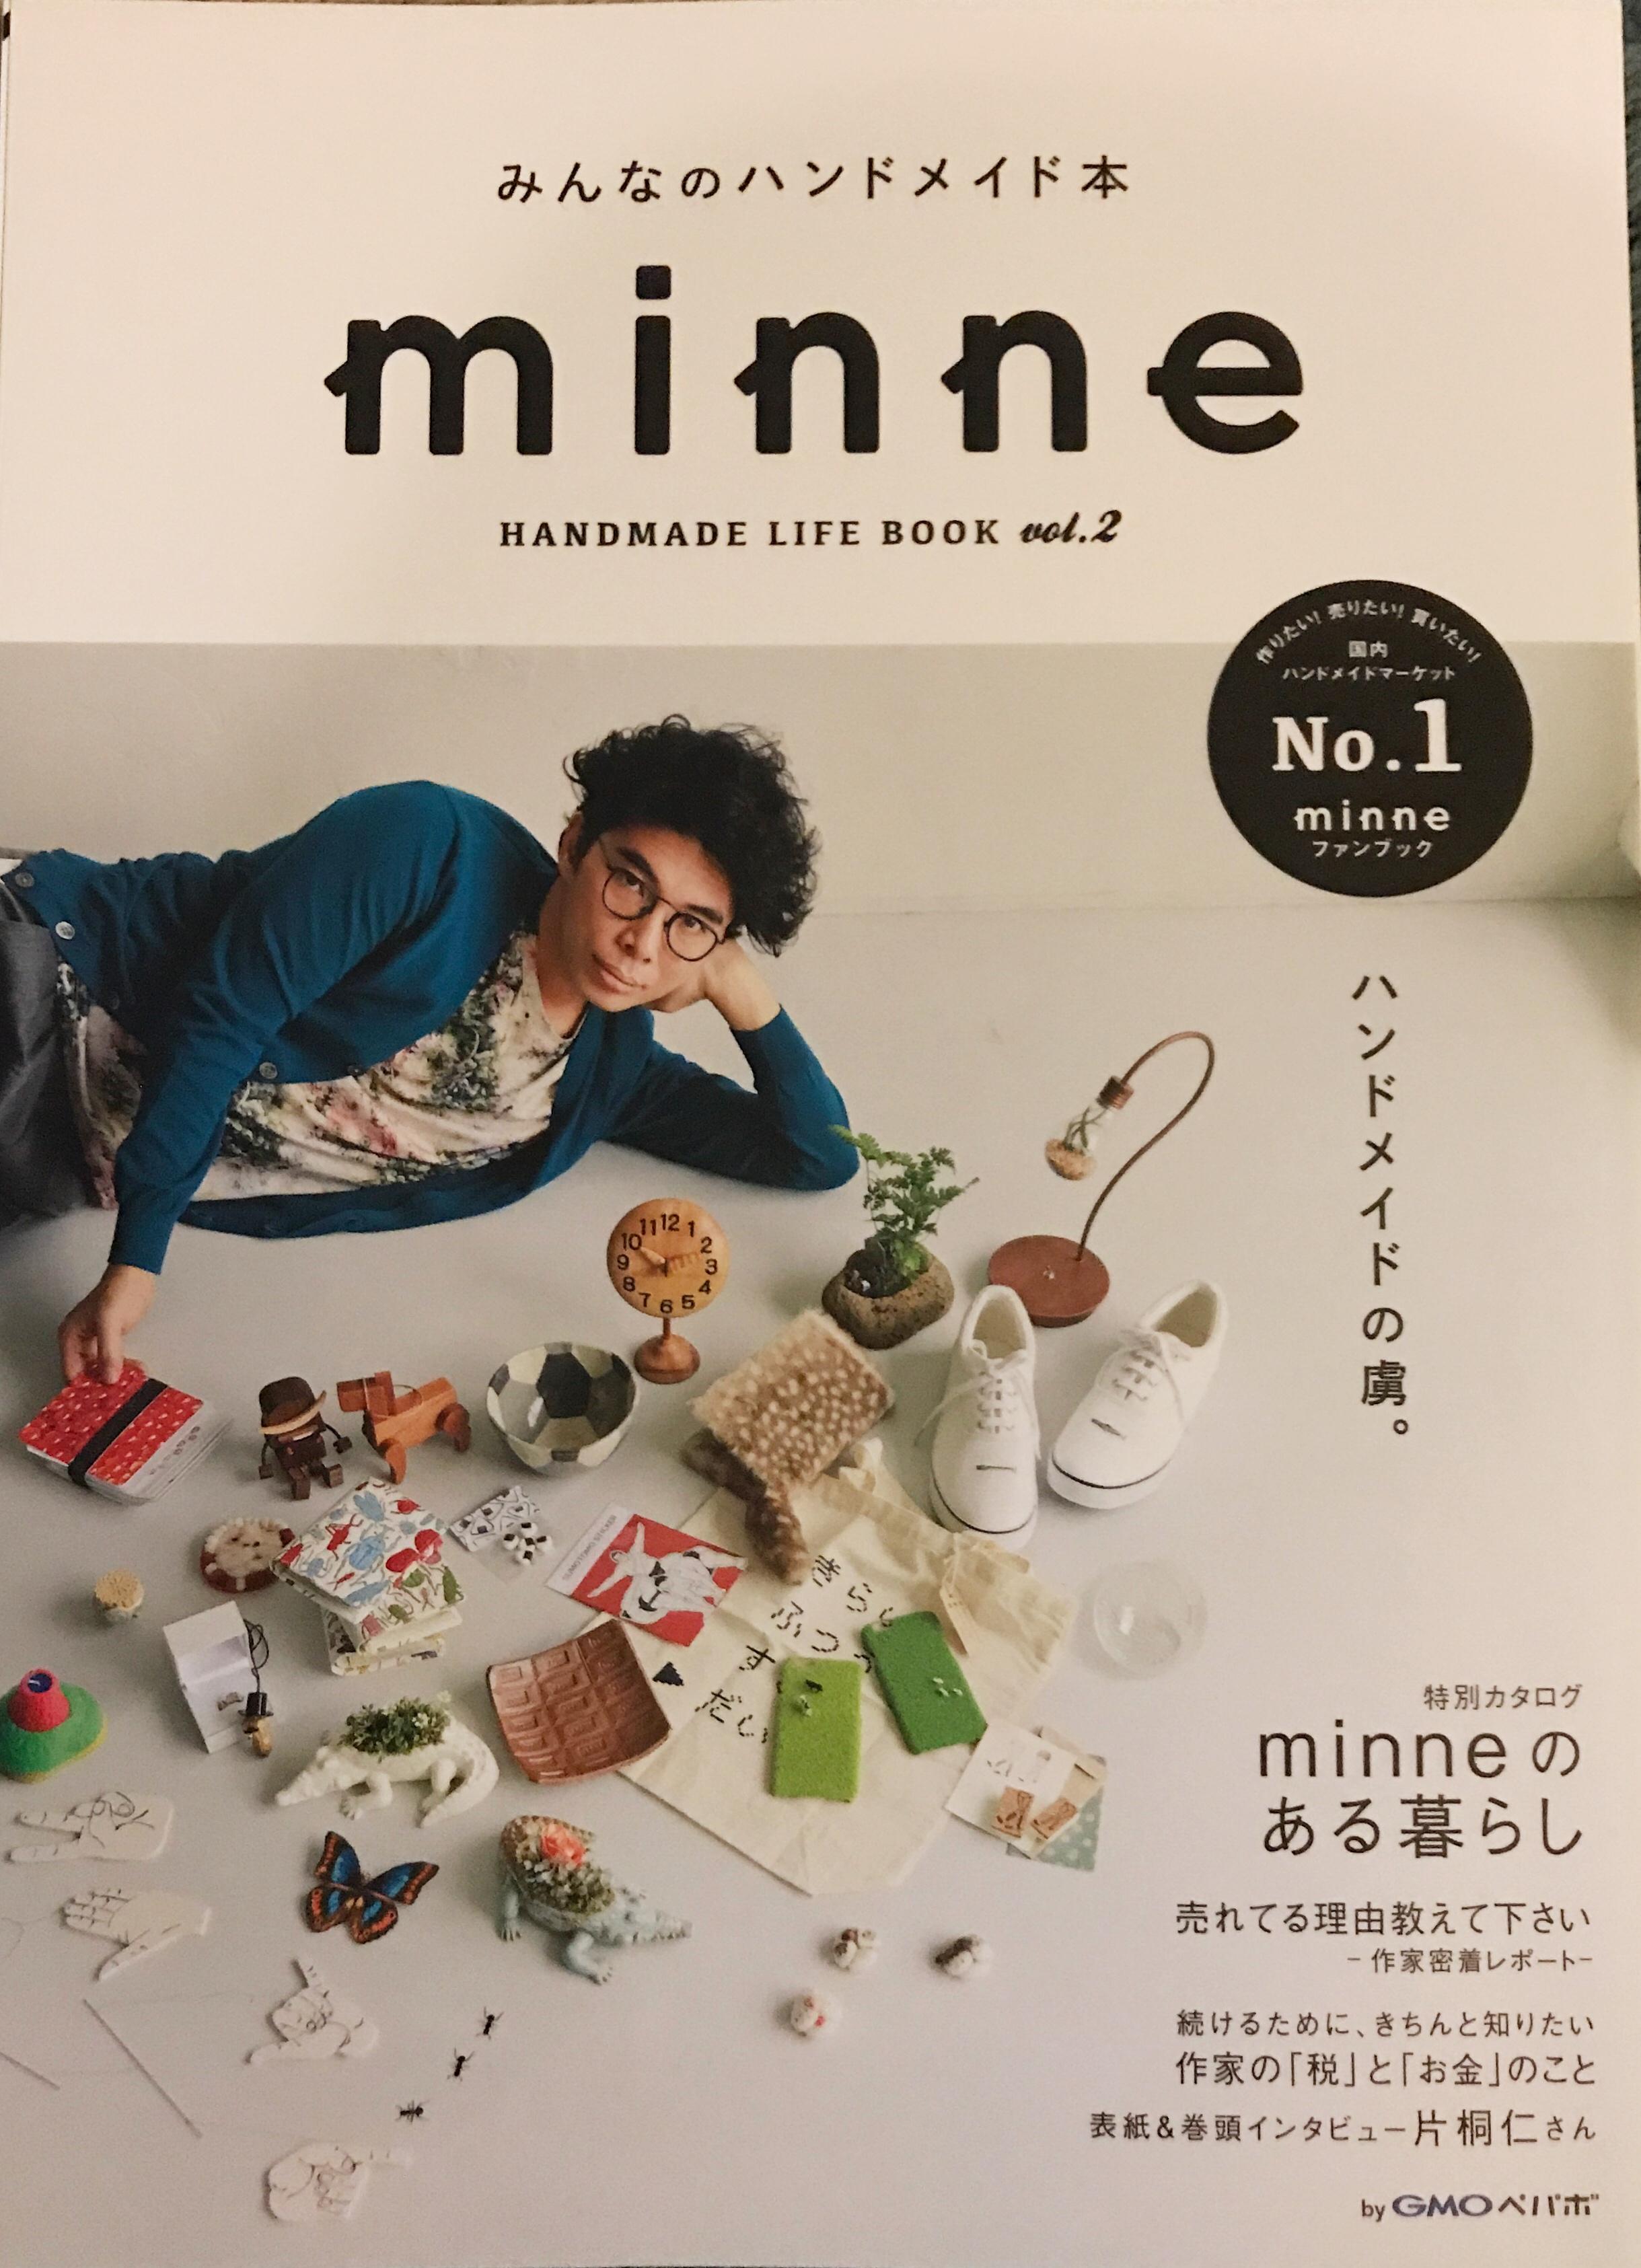 【minneみんなのハンドメイド本】 vol.2